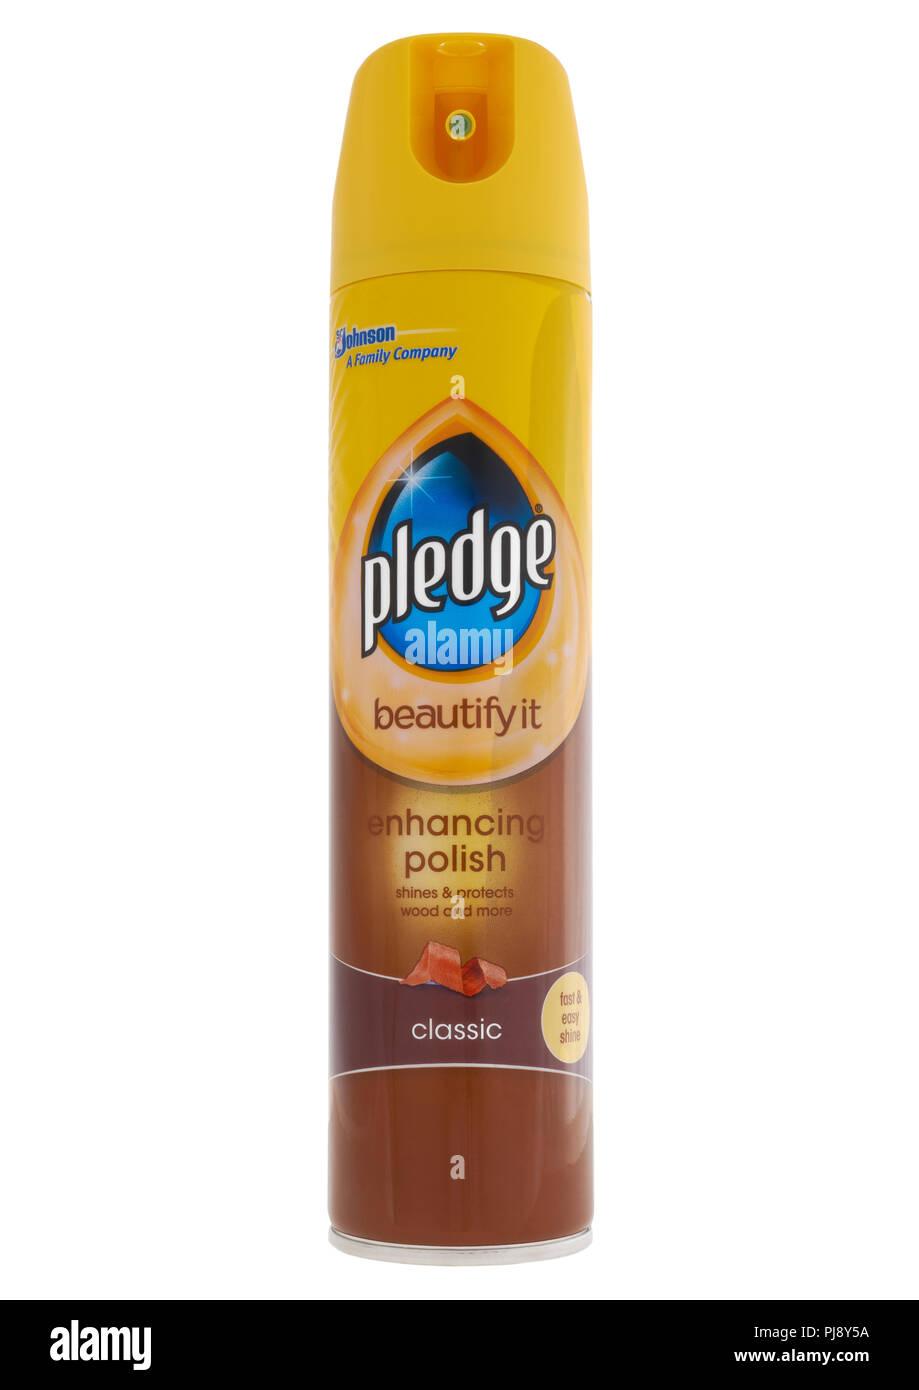 Can of Johnson Pledge enhacing polish on white background - Stock Image